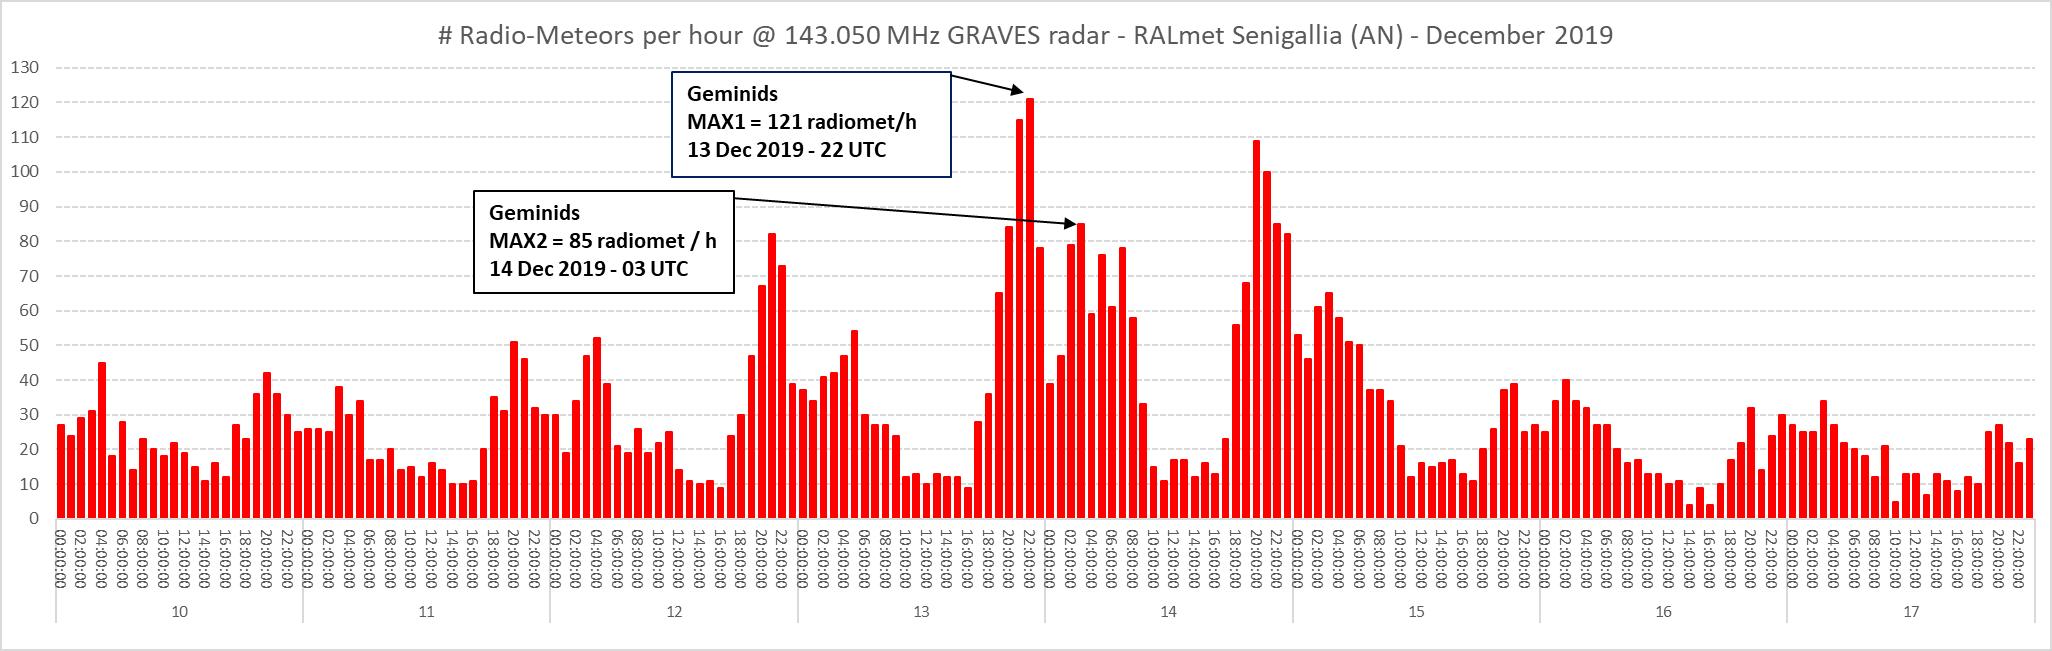 Conteggio orario dei radio-echi meteorici dal 10 al 17 Dicembre 2019.